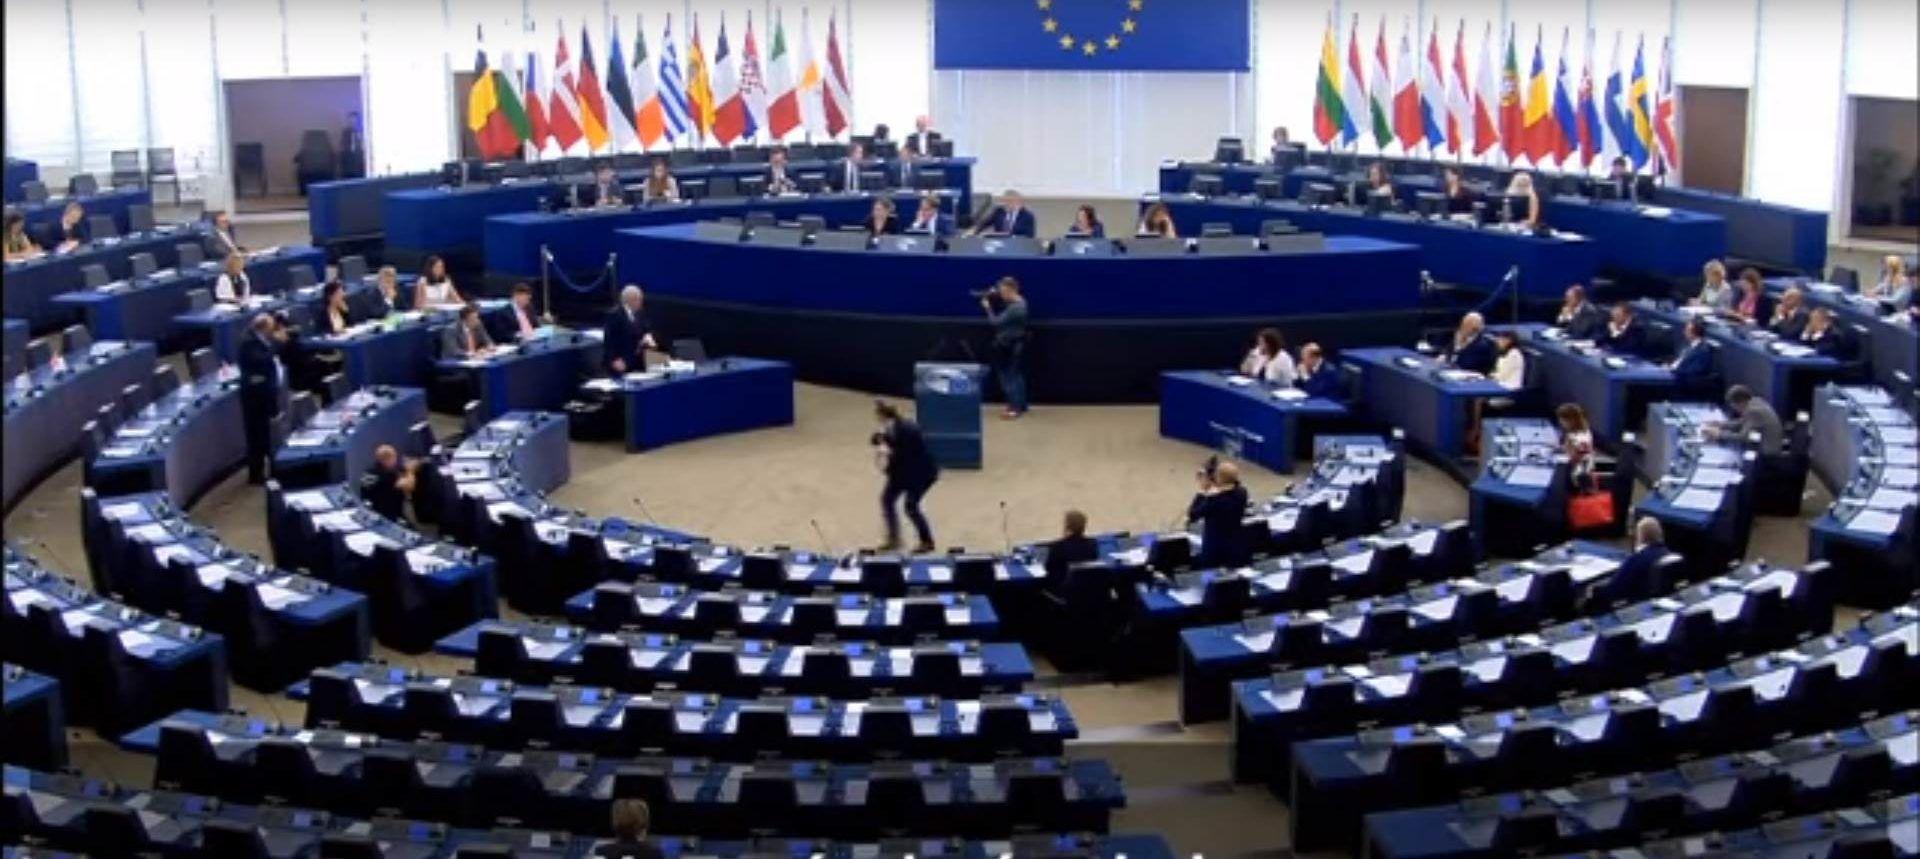 Nachricht Offener Streit in EU Juncker stinksauer über